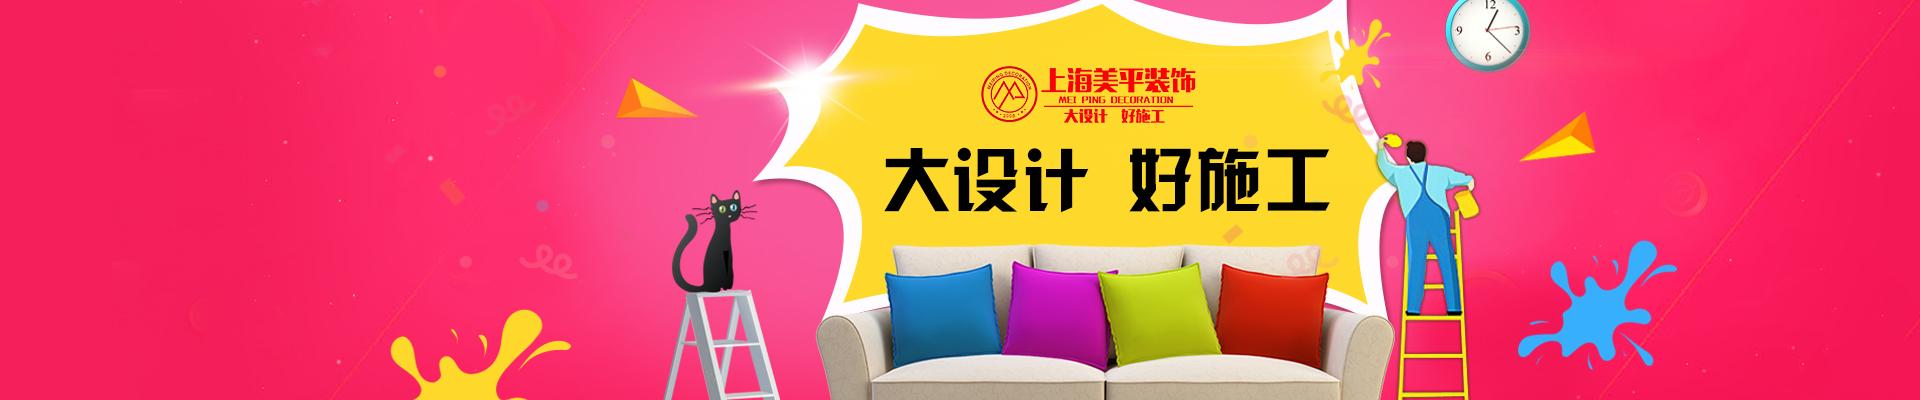 上海美平建筑装饰工程有限公司海宁分公司